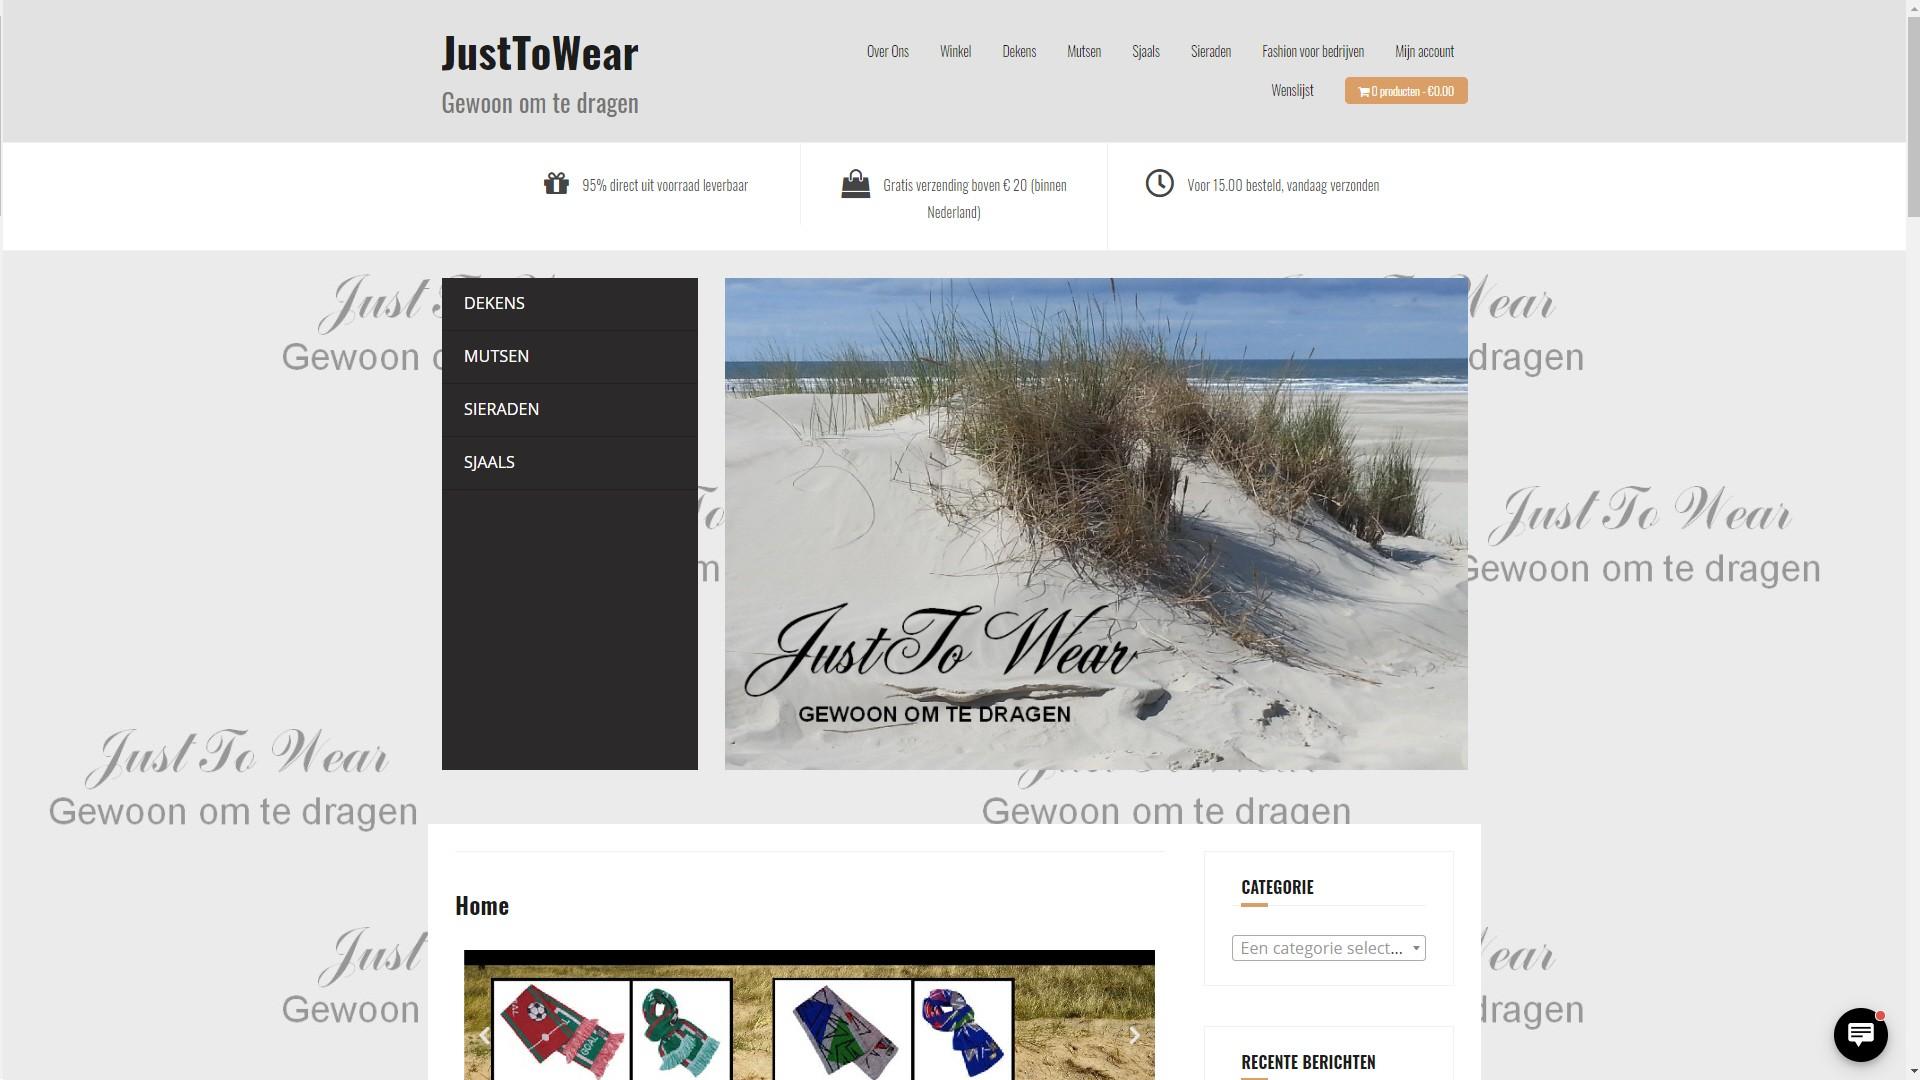 justtowear